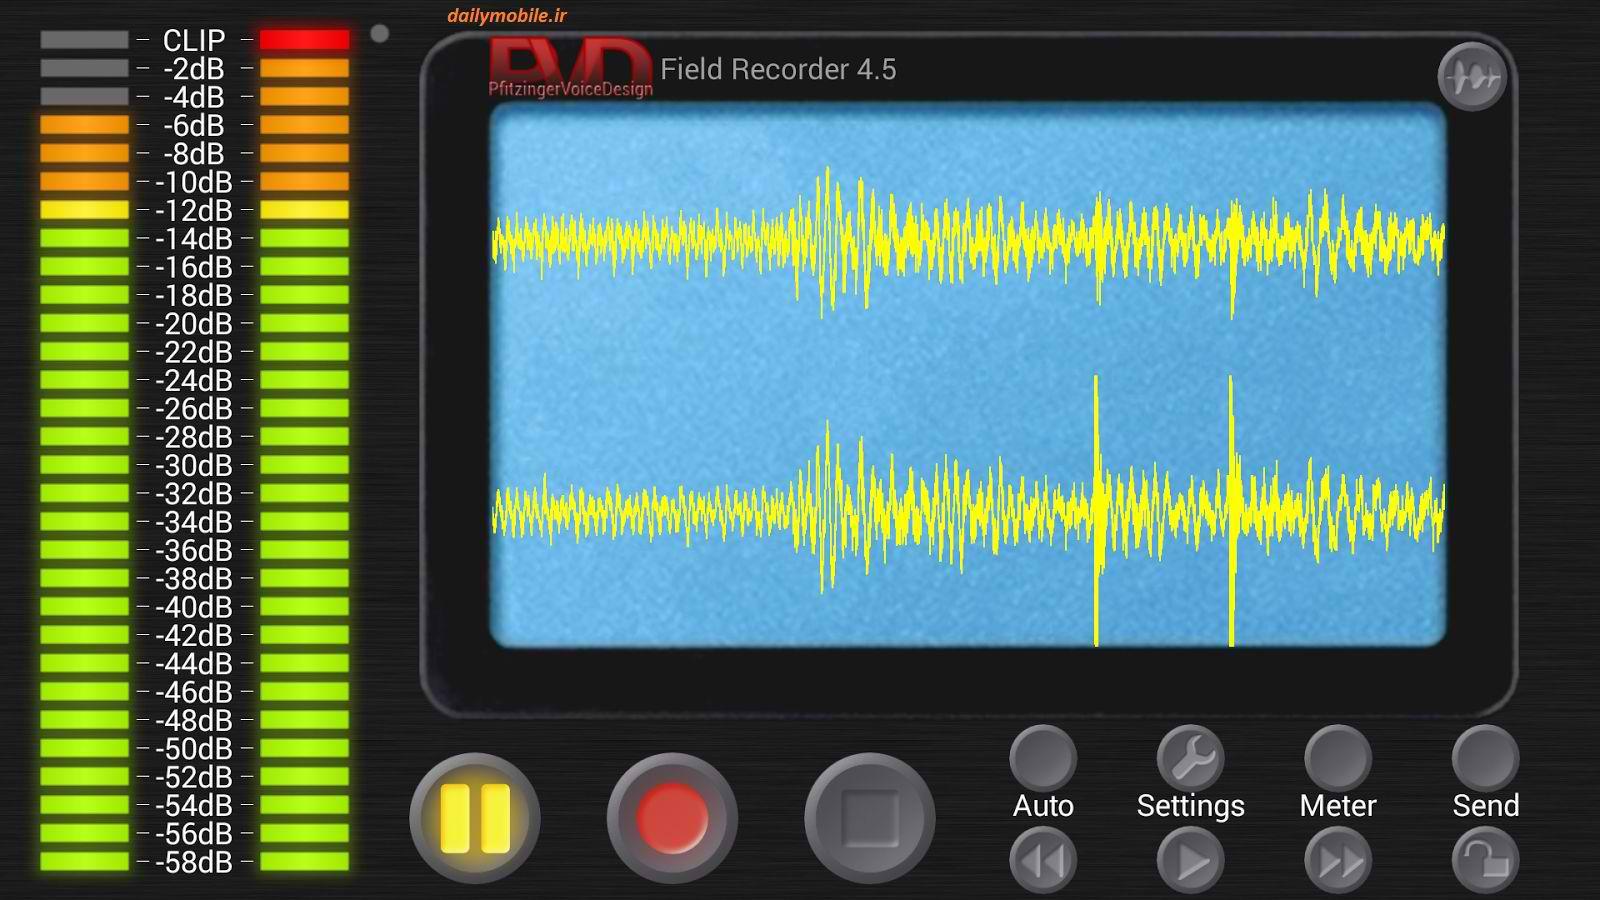 دانلود برنامه ضبط صدا قدرتمند برای اندروید Field Recorder